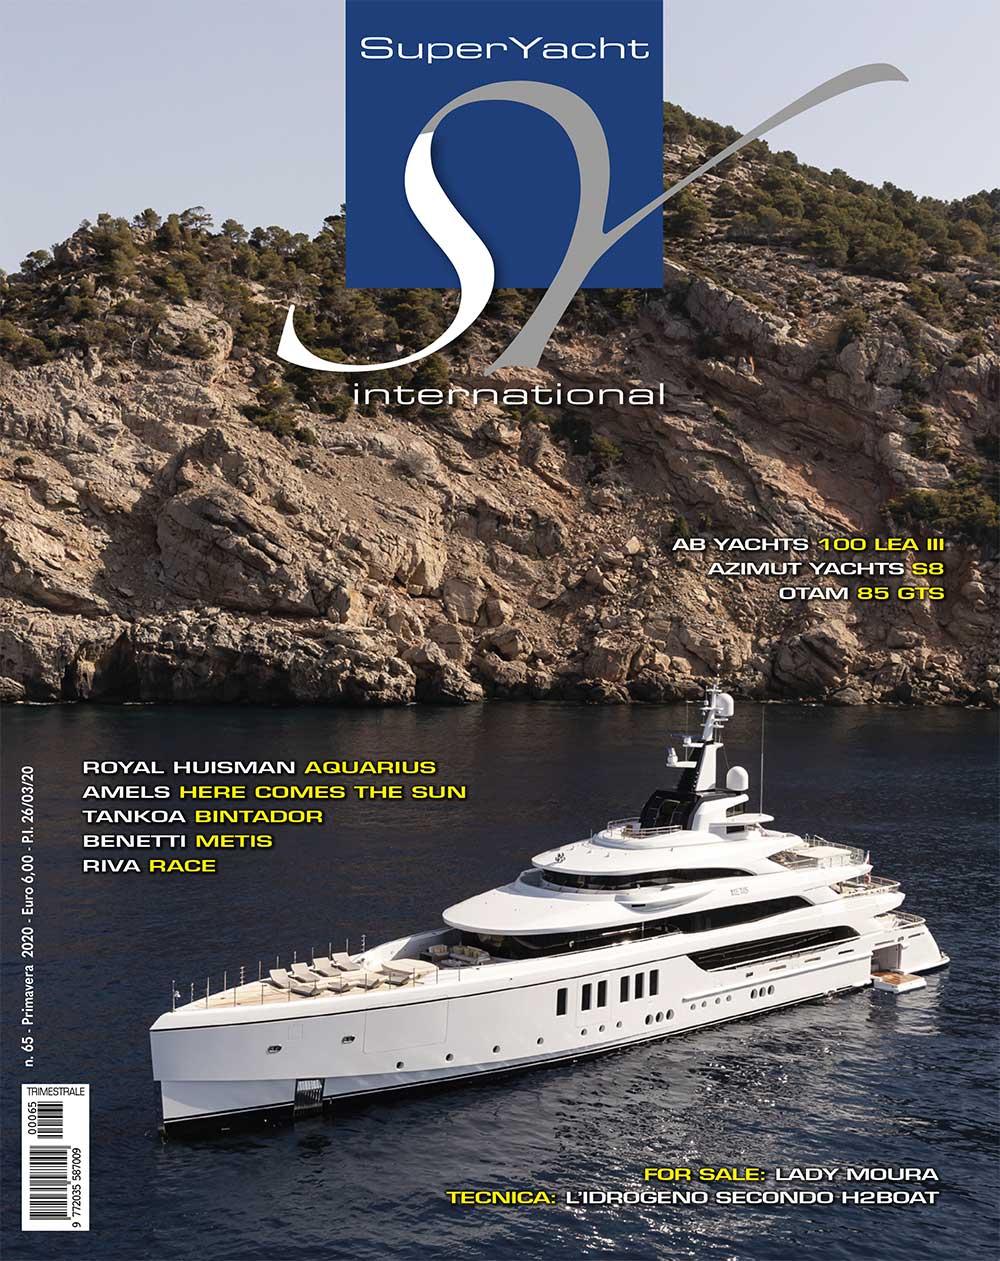 Superyacht 65 - copertina